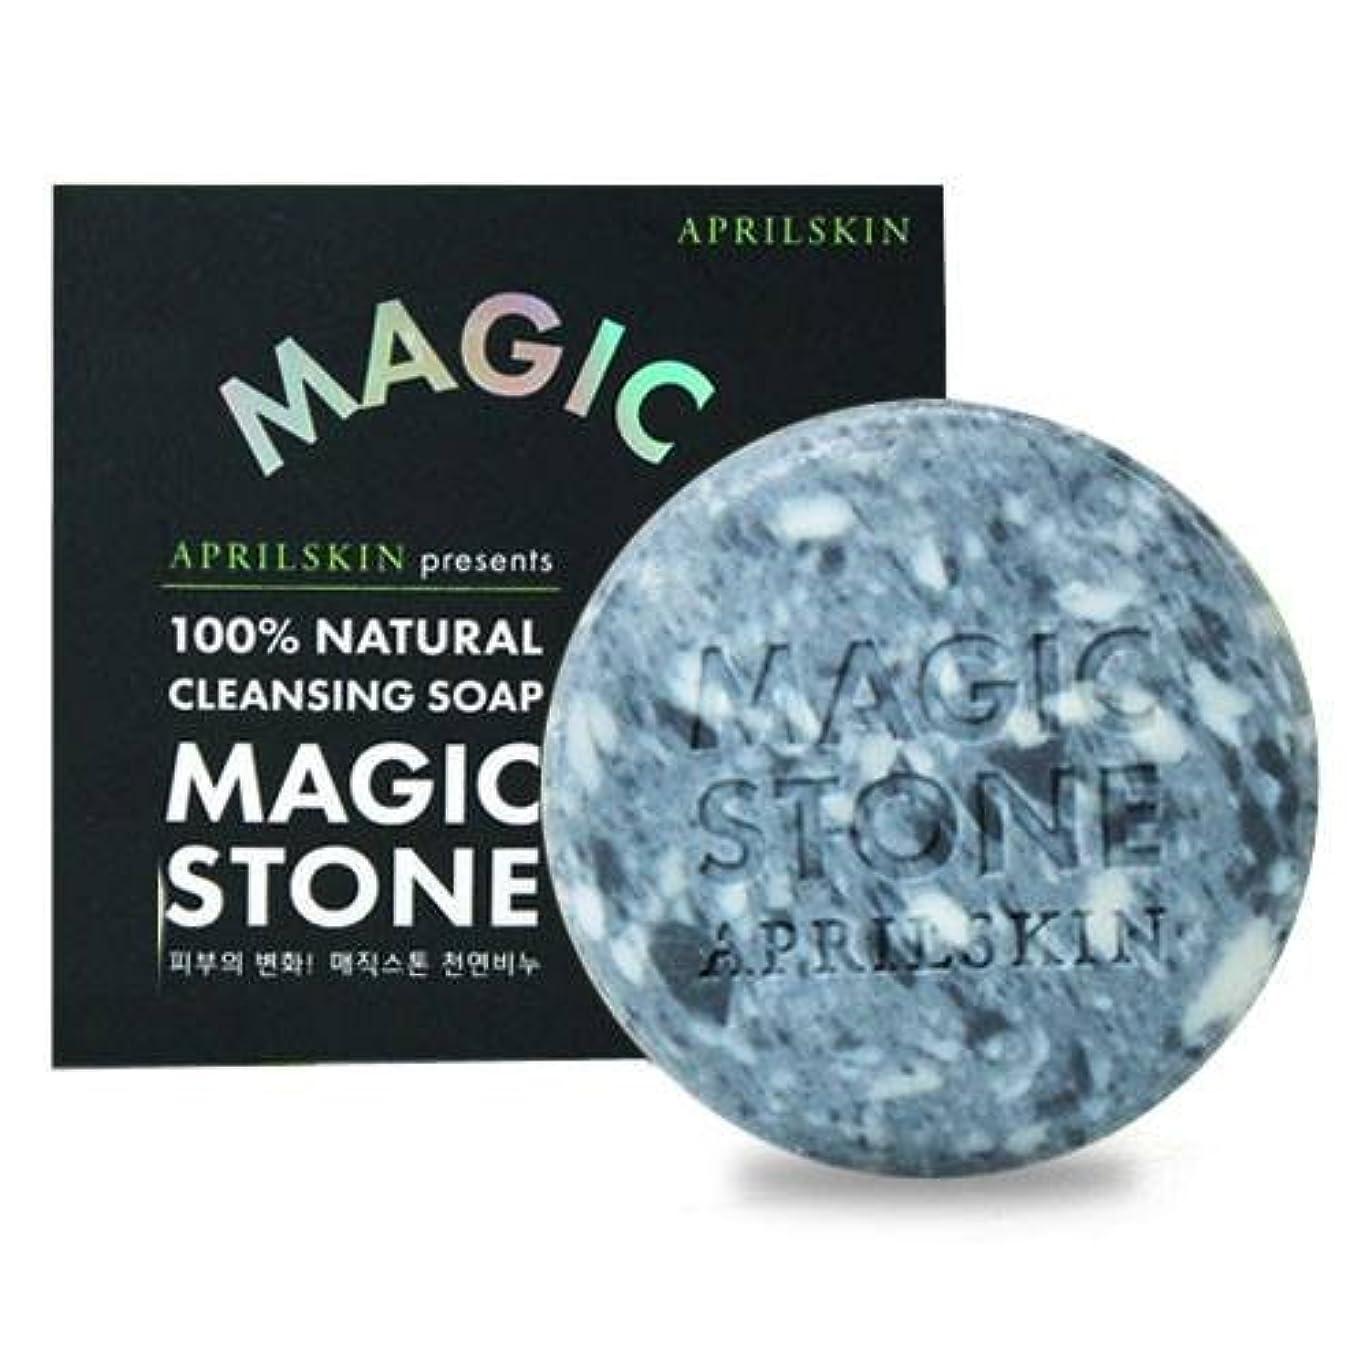 者協定賭け[APRILSKIN] エイプリルスキン国民石鹸 (APRIL SKIN magic stone マジックストーンのリニューアルバージョン新発売) (ORIGINAL) [並行輸入品]